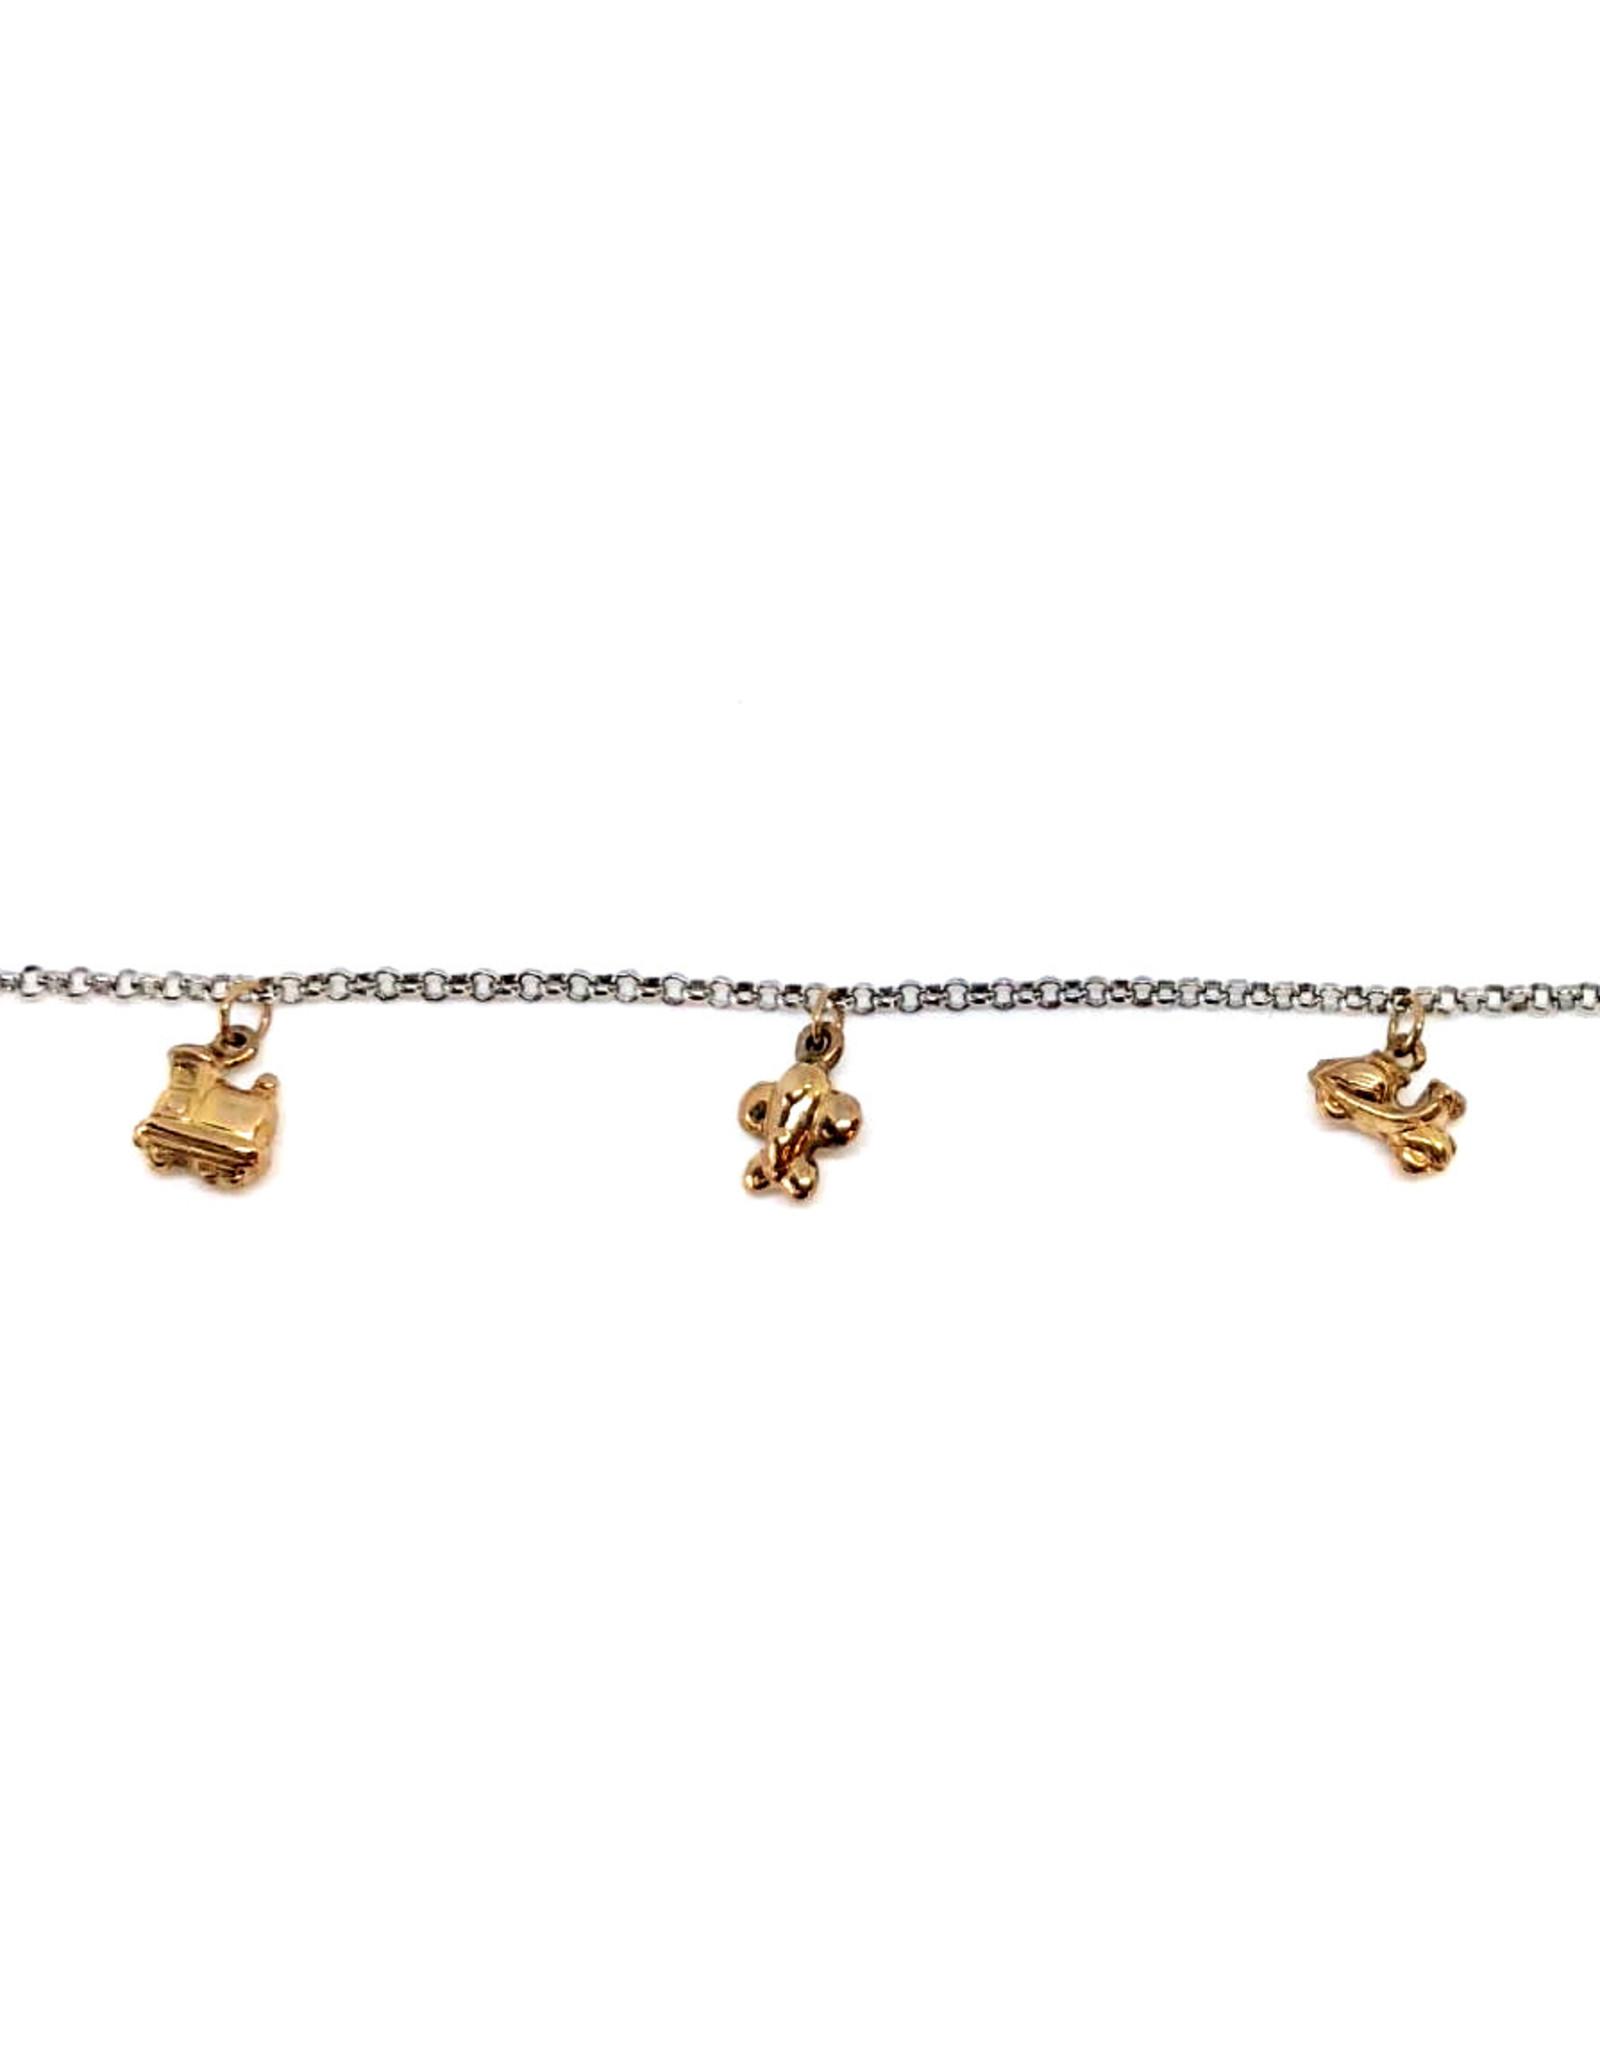 Bracelet Enfant 4 breloques Or 10K 2 tons